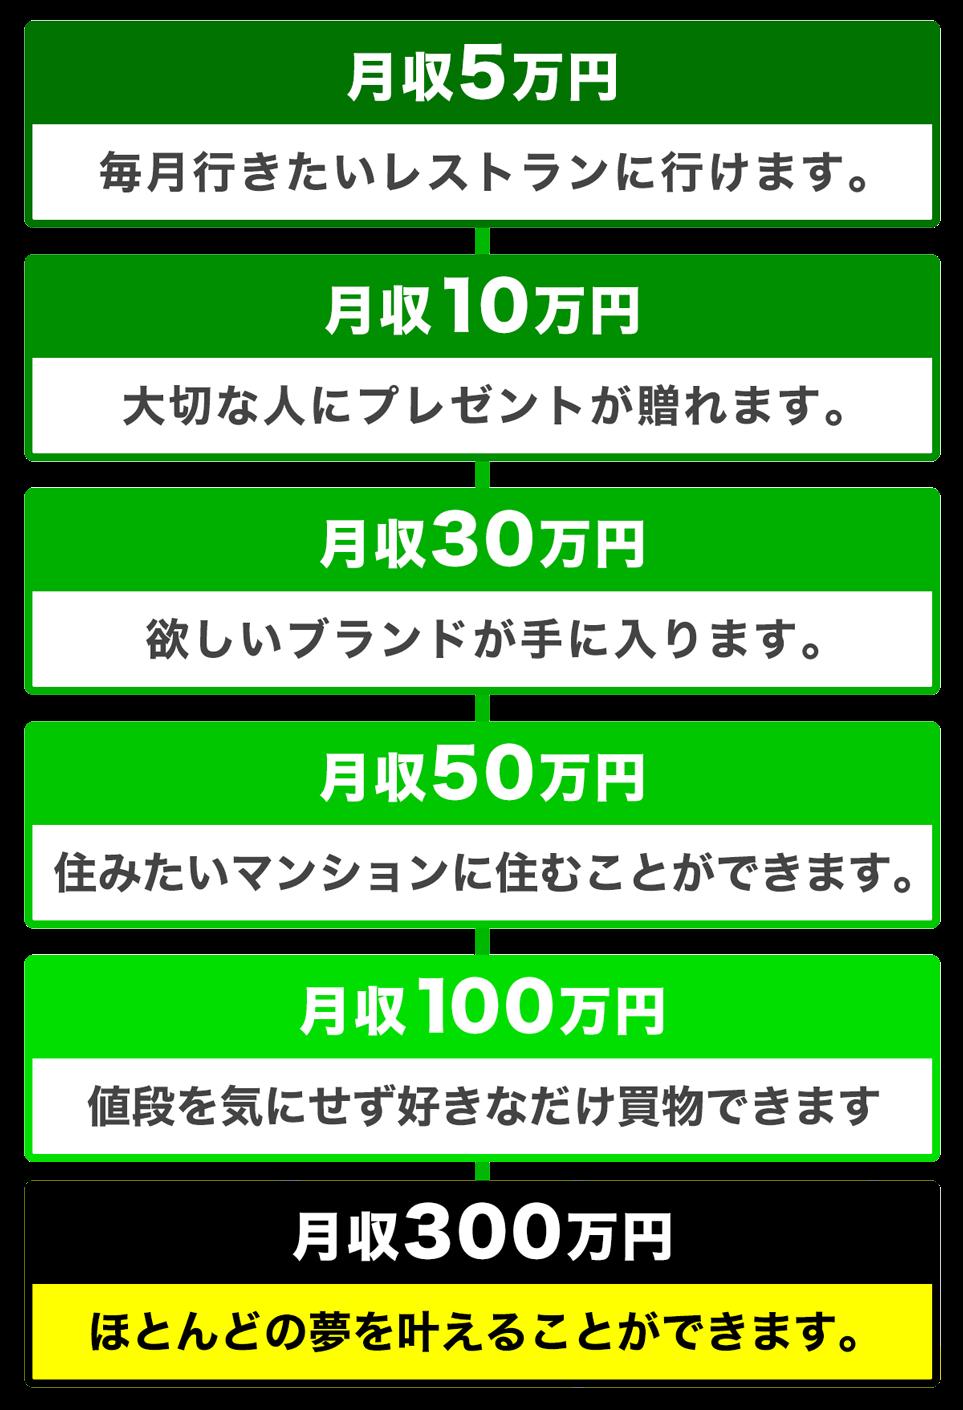 ジョブライク-002